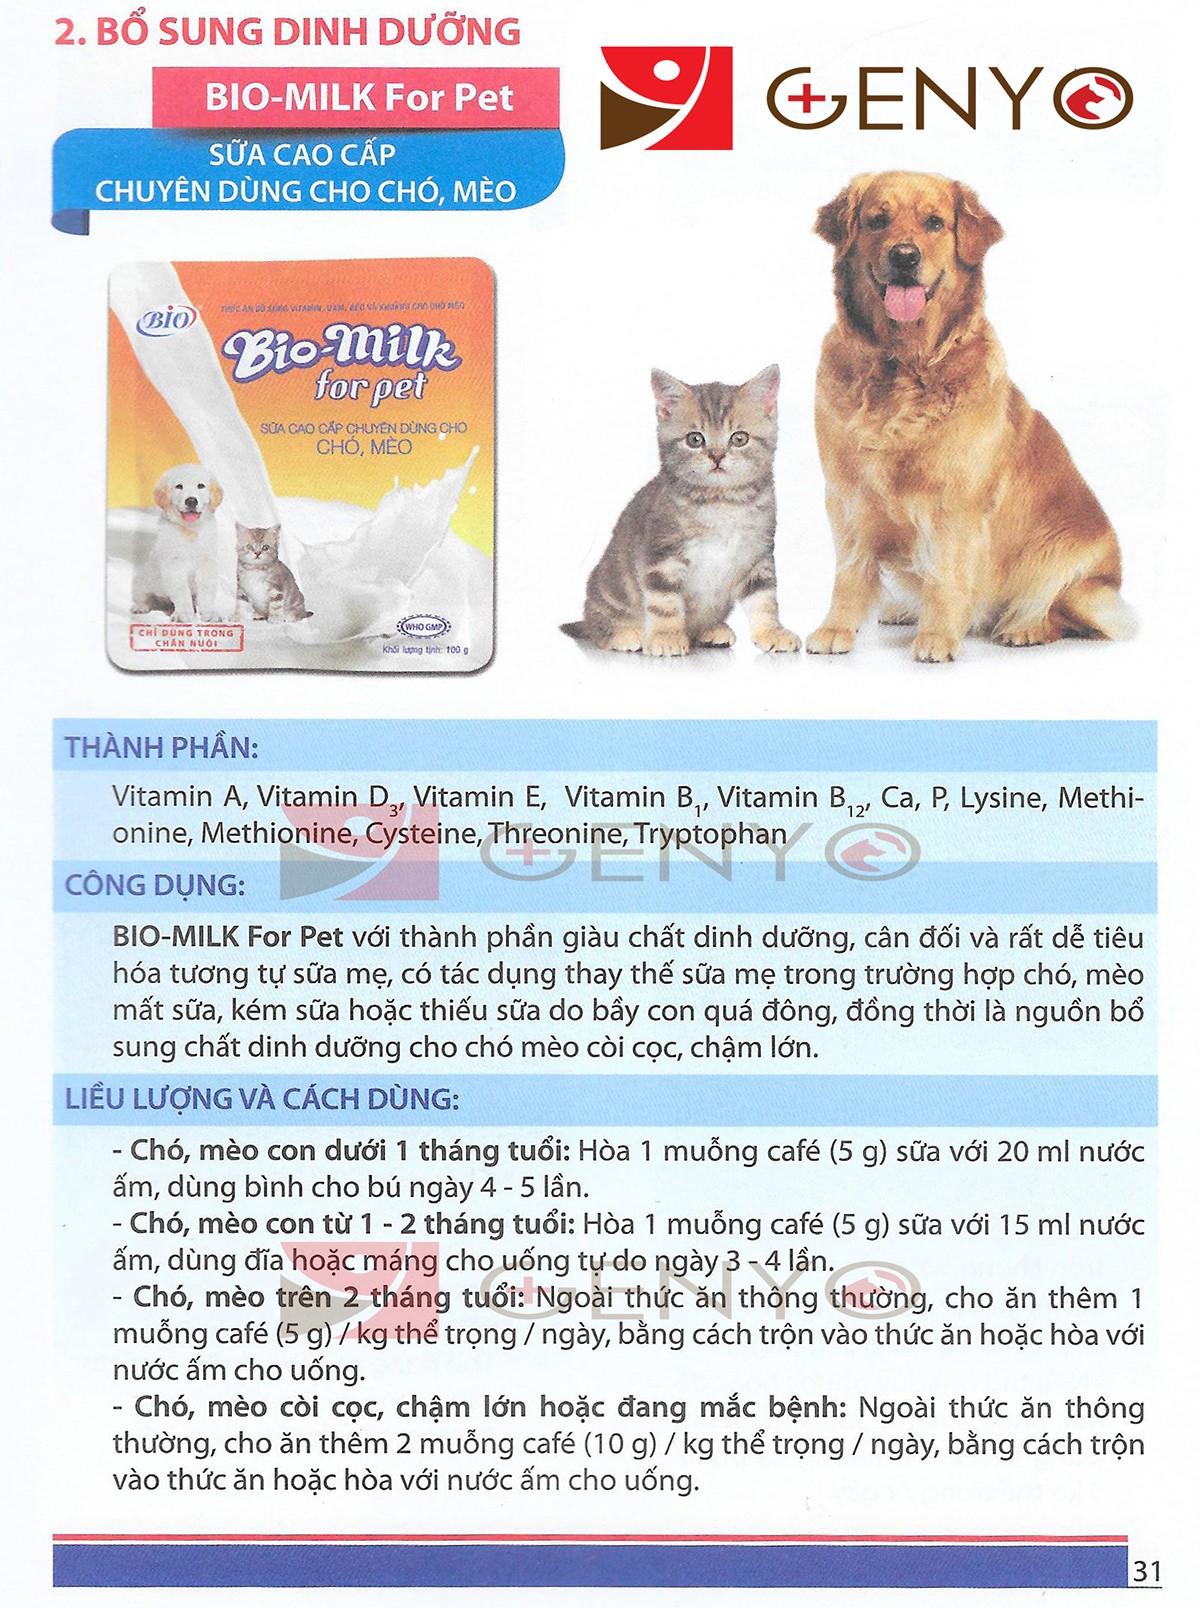 Bio Milk- Sữa cao cấp chuyên dùng cho chó, mèo